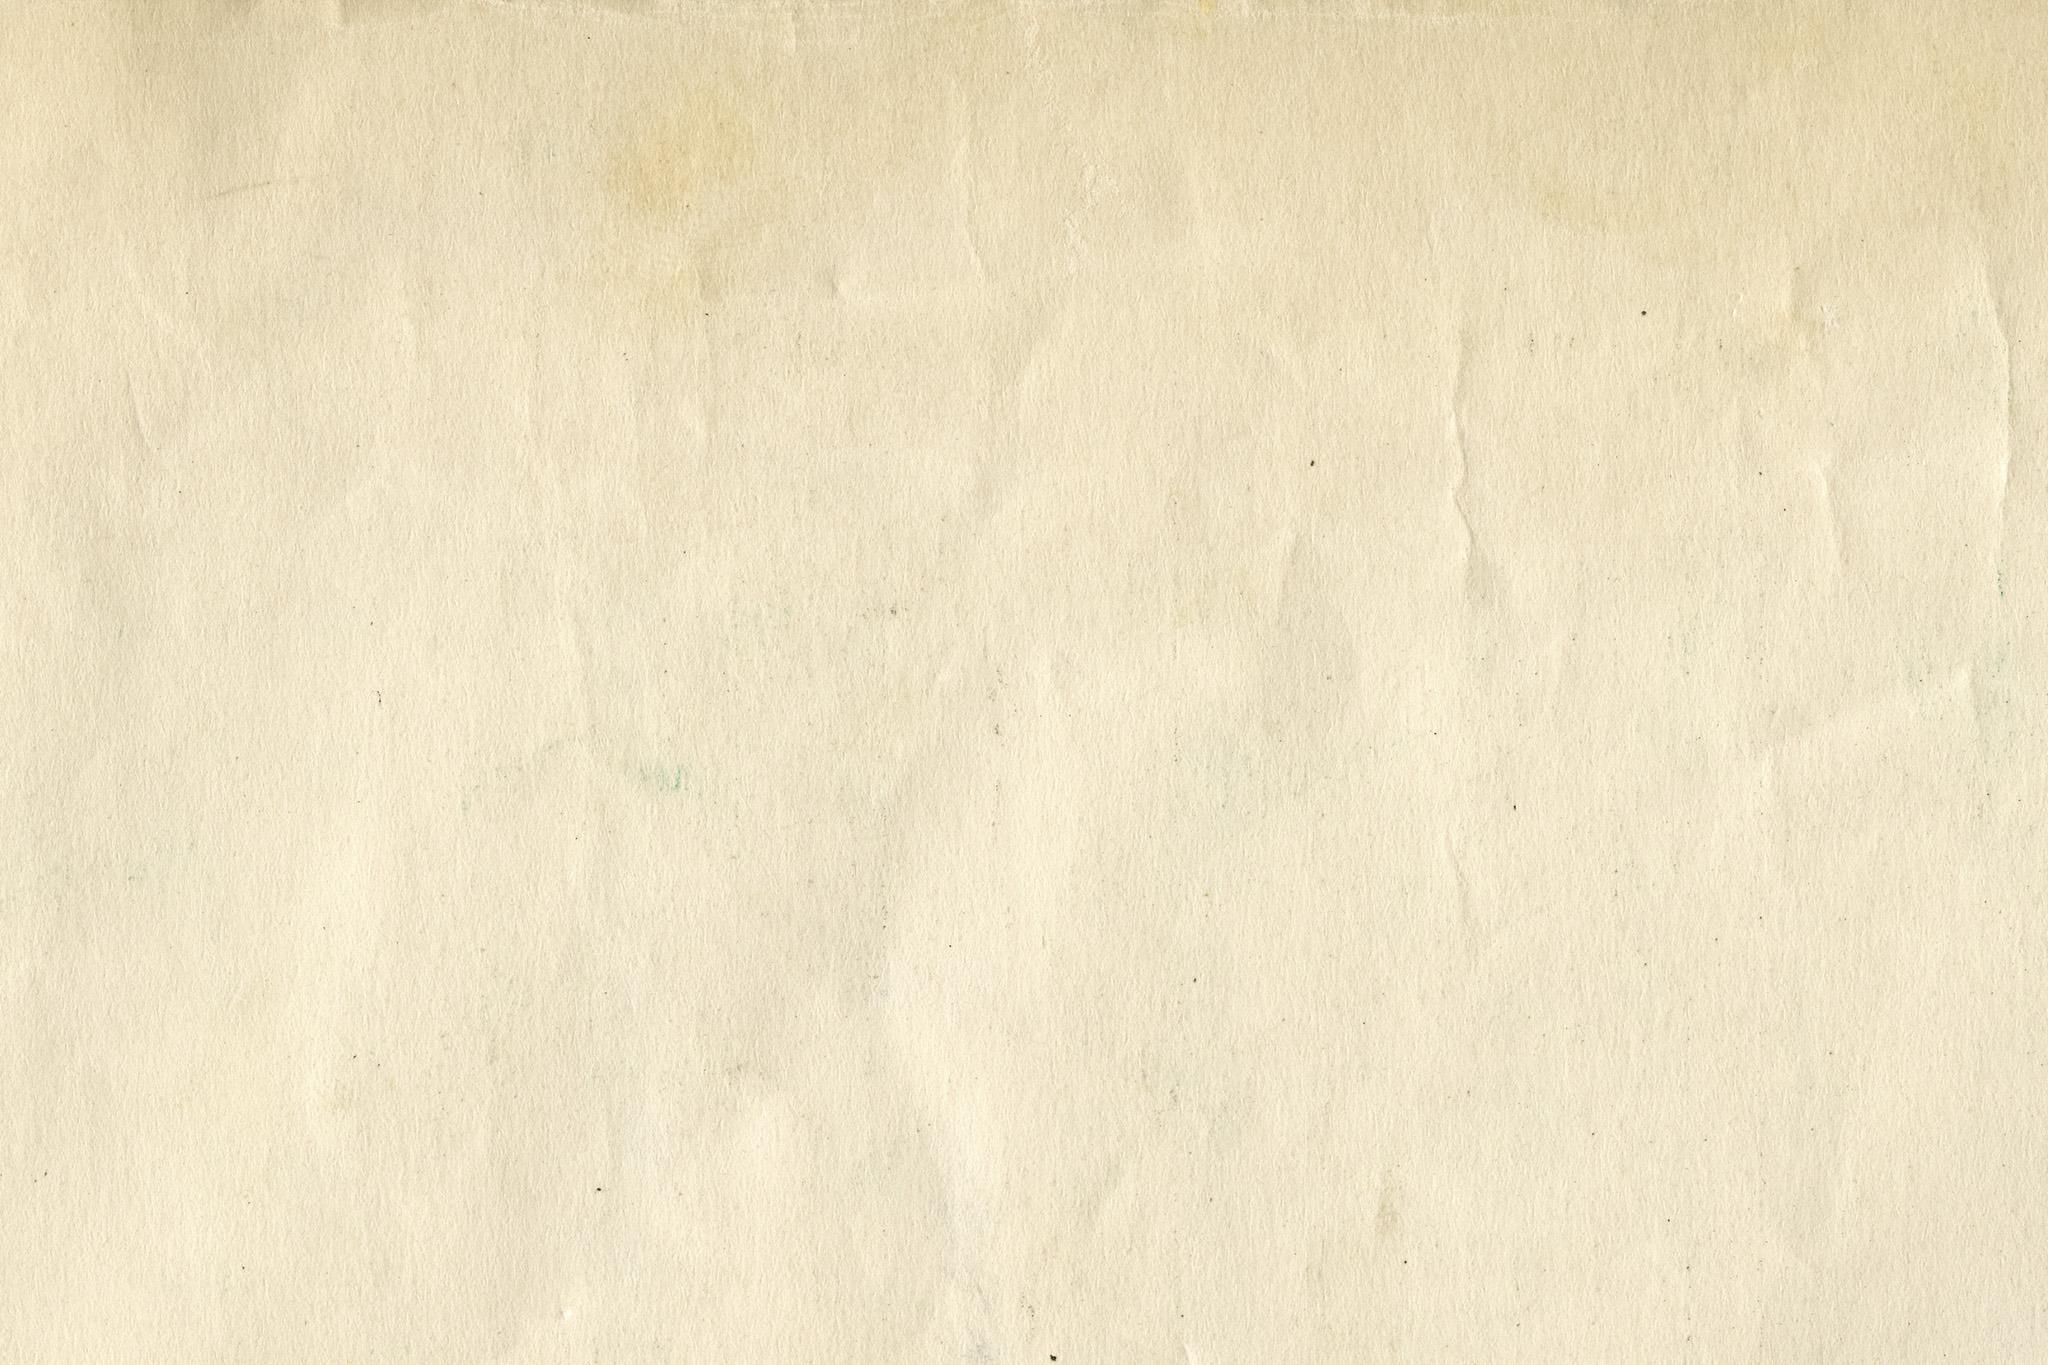 「年月を経たセピア色の紙」